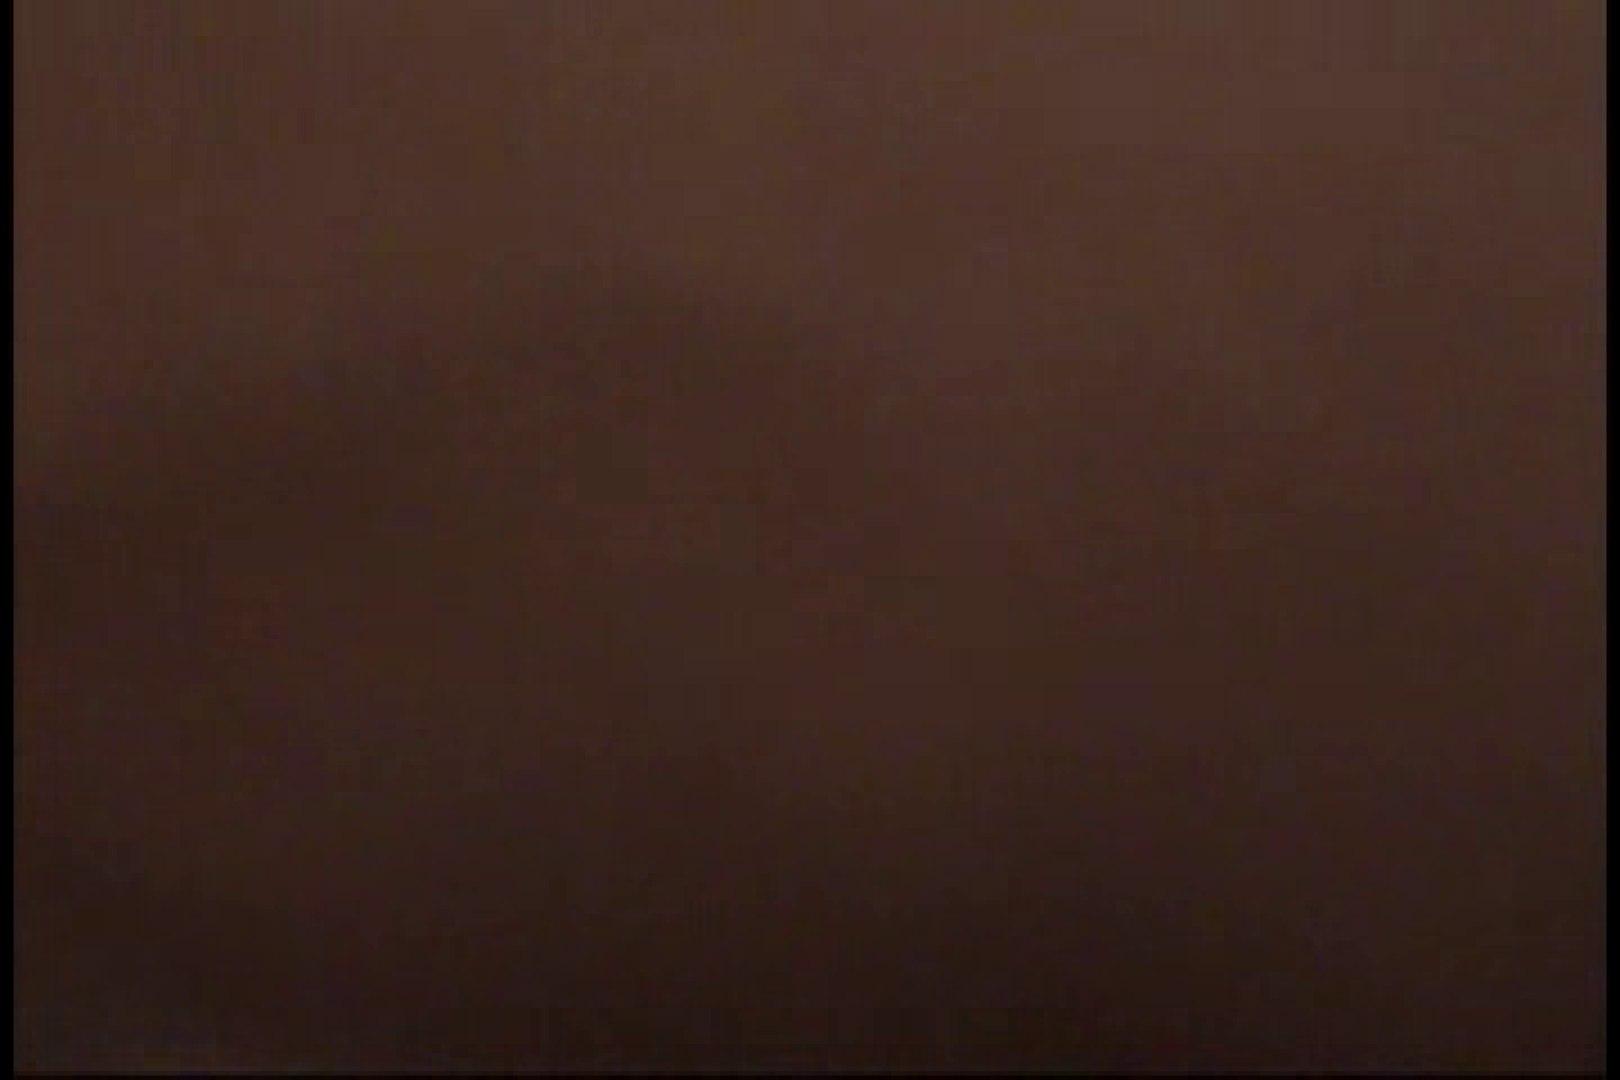 三ッ星シリーズ!!イケメン羞恥心!!File.02 ハメ撮り放出 ゲイAV画像 92pic 52